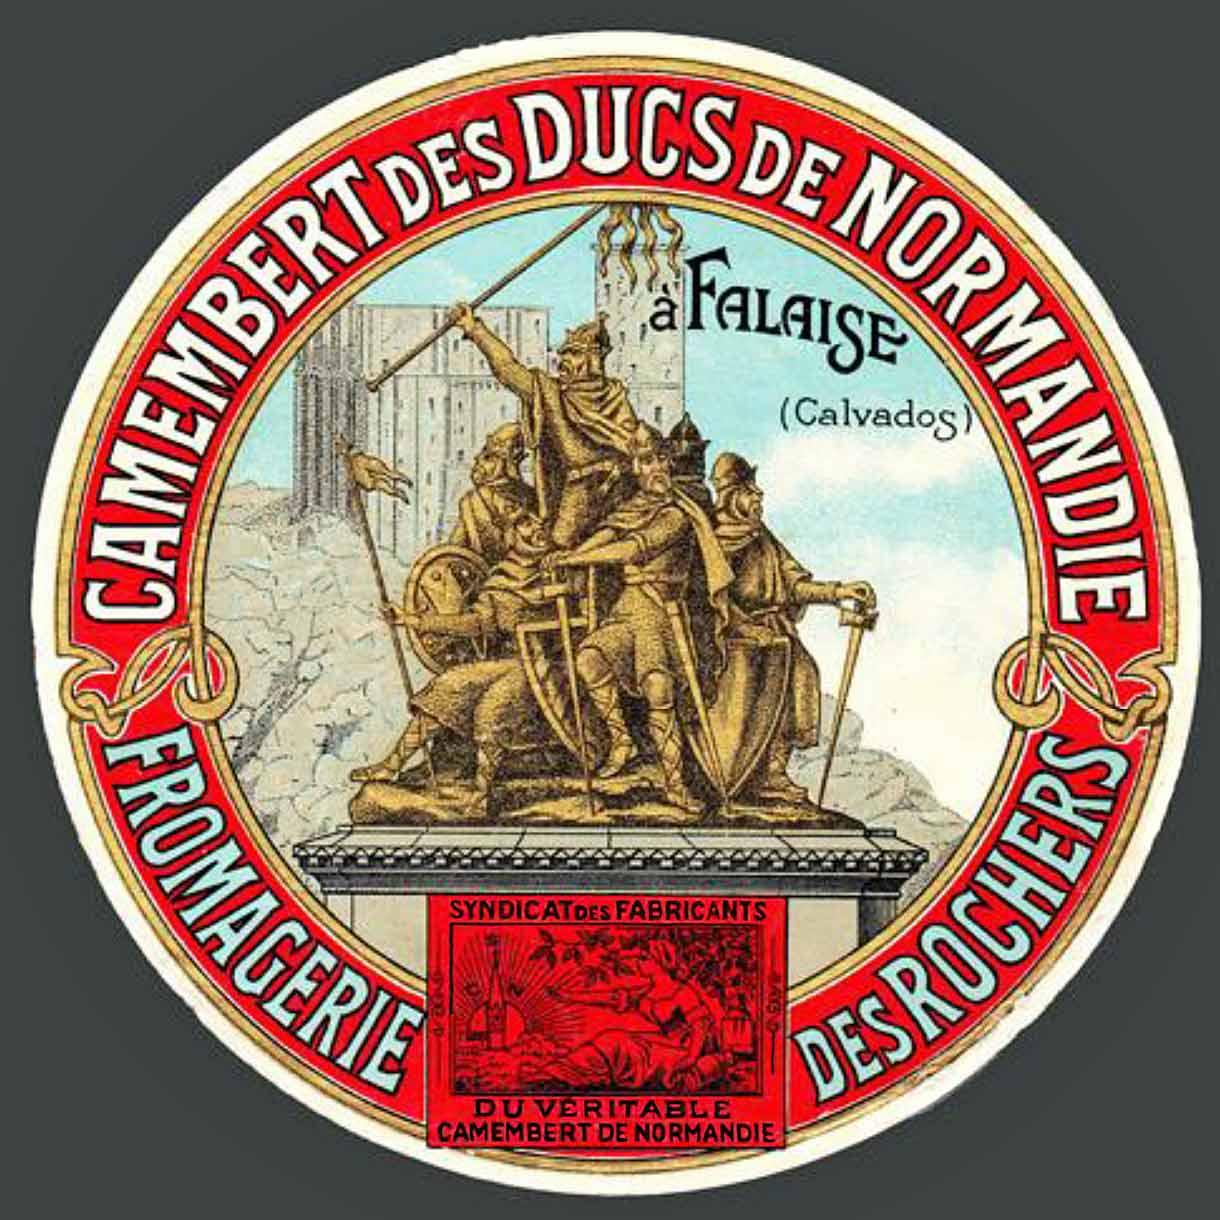 Étiquette ancienne du Véritable Camembert de Normandie. © www.camembert-museum.com